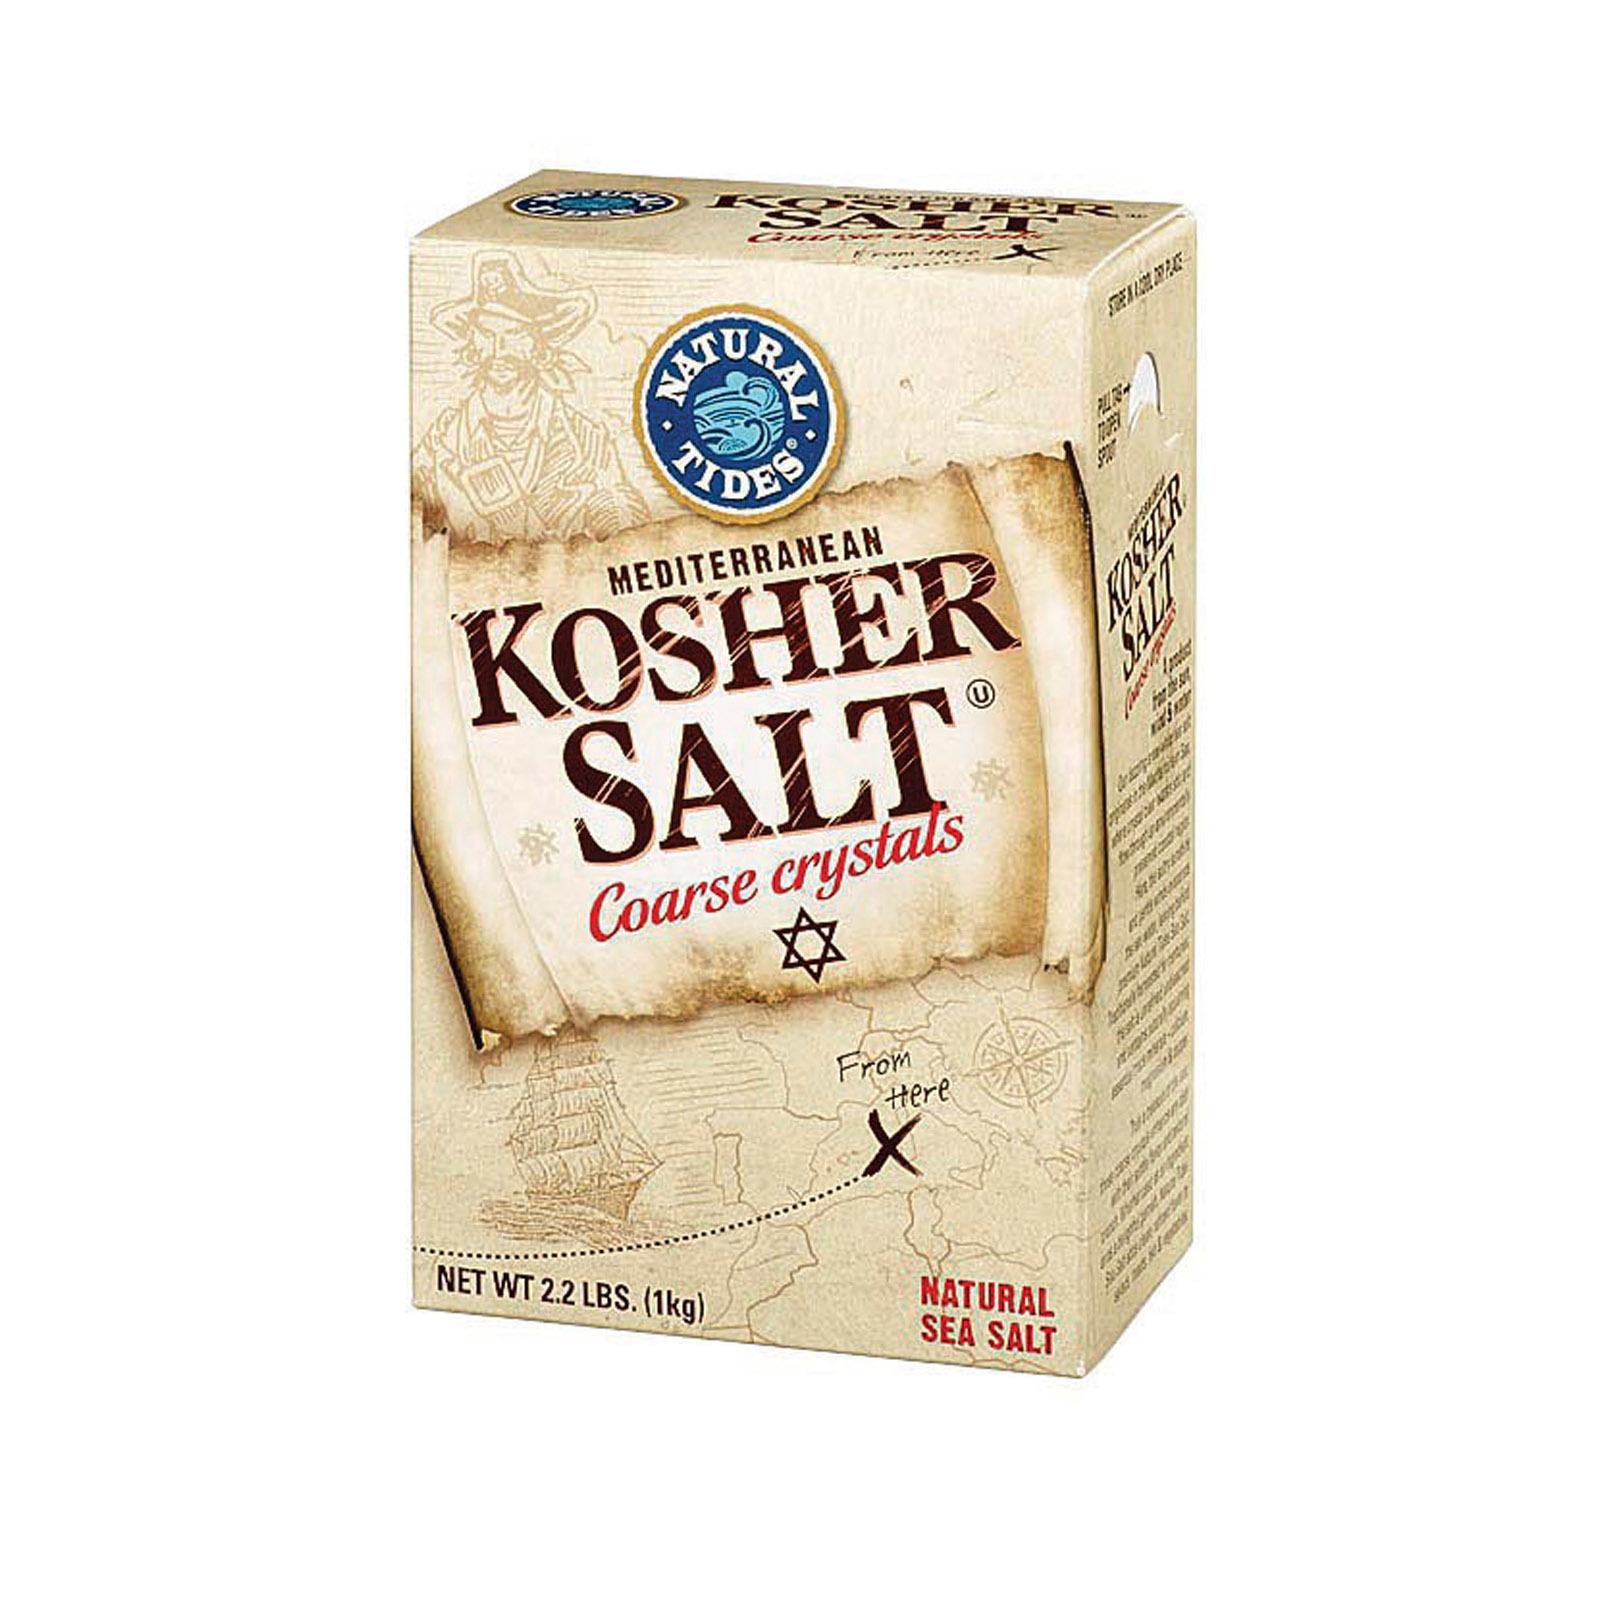 Natural Tides Mediterranean Kosher Salt - Coarse Crystals - Case of 6 - 2.2